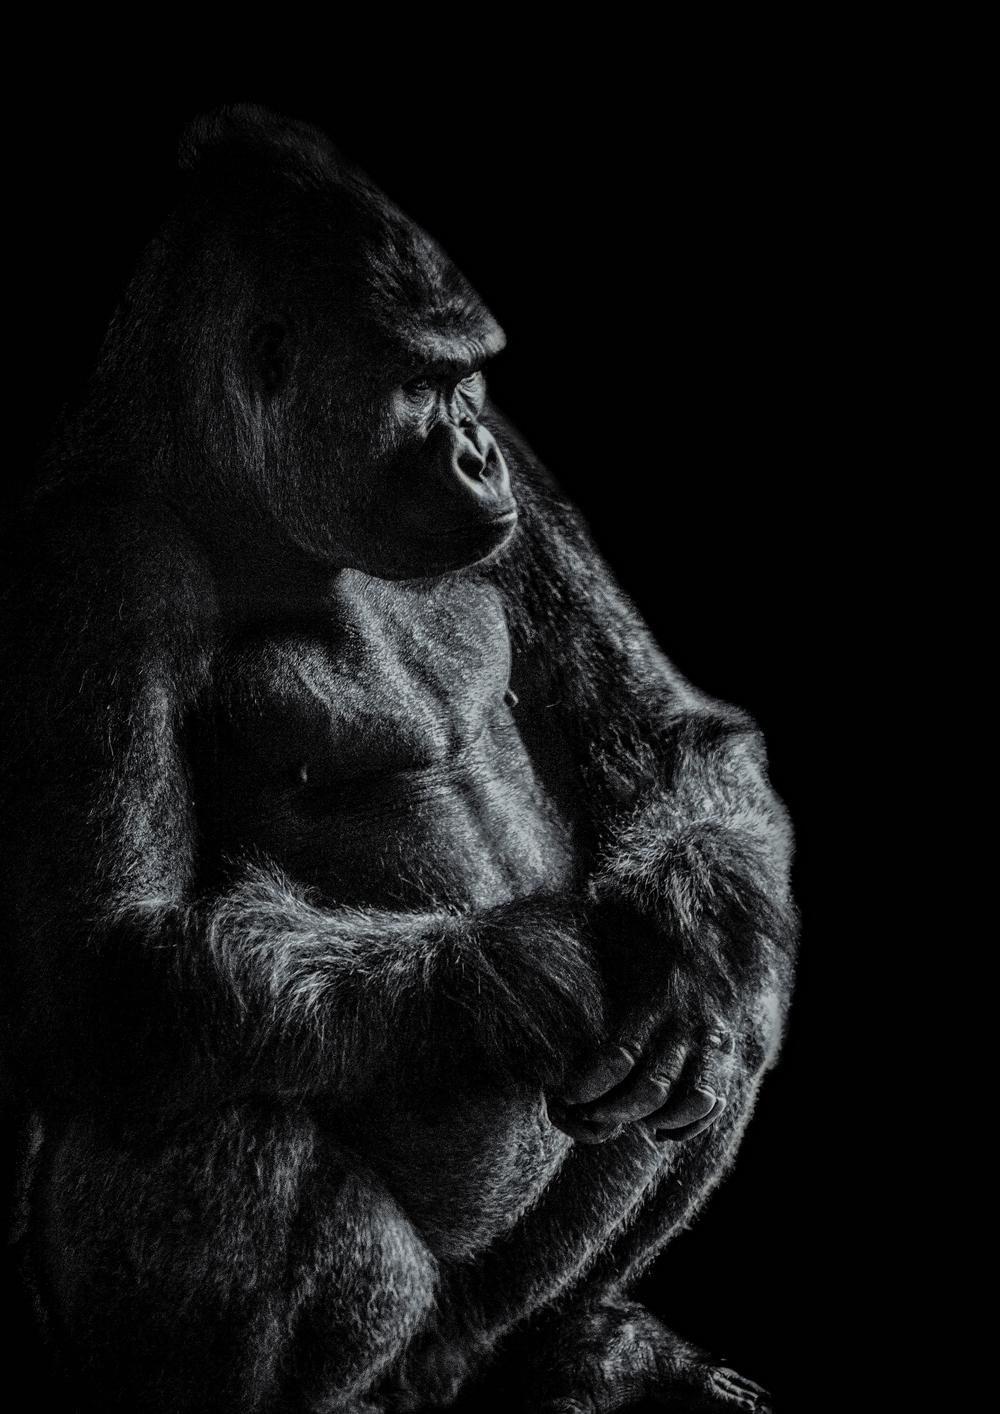 Gorilla sitting final Flickr.jpg